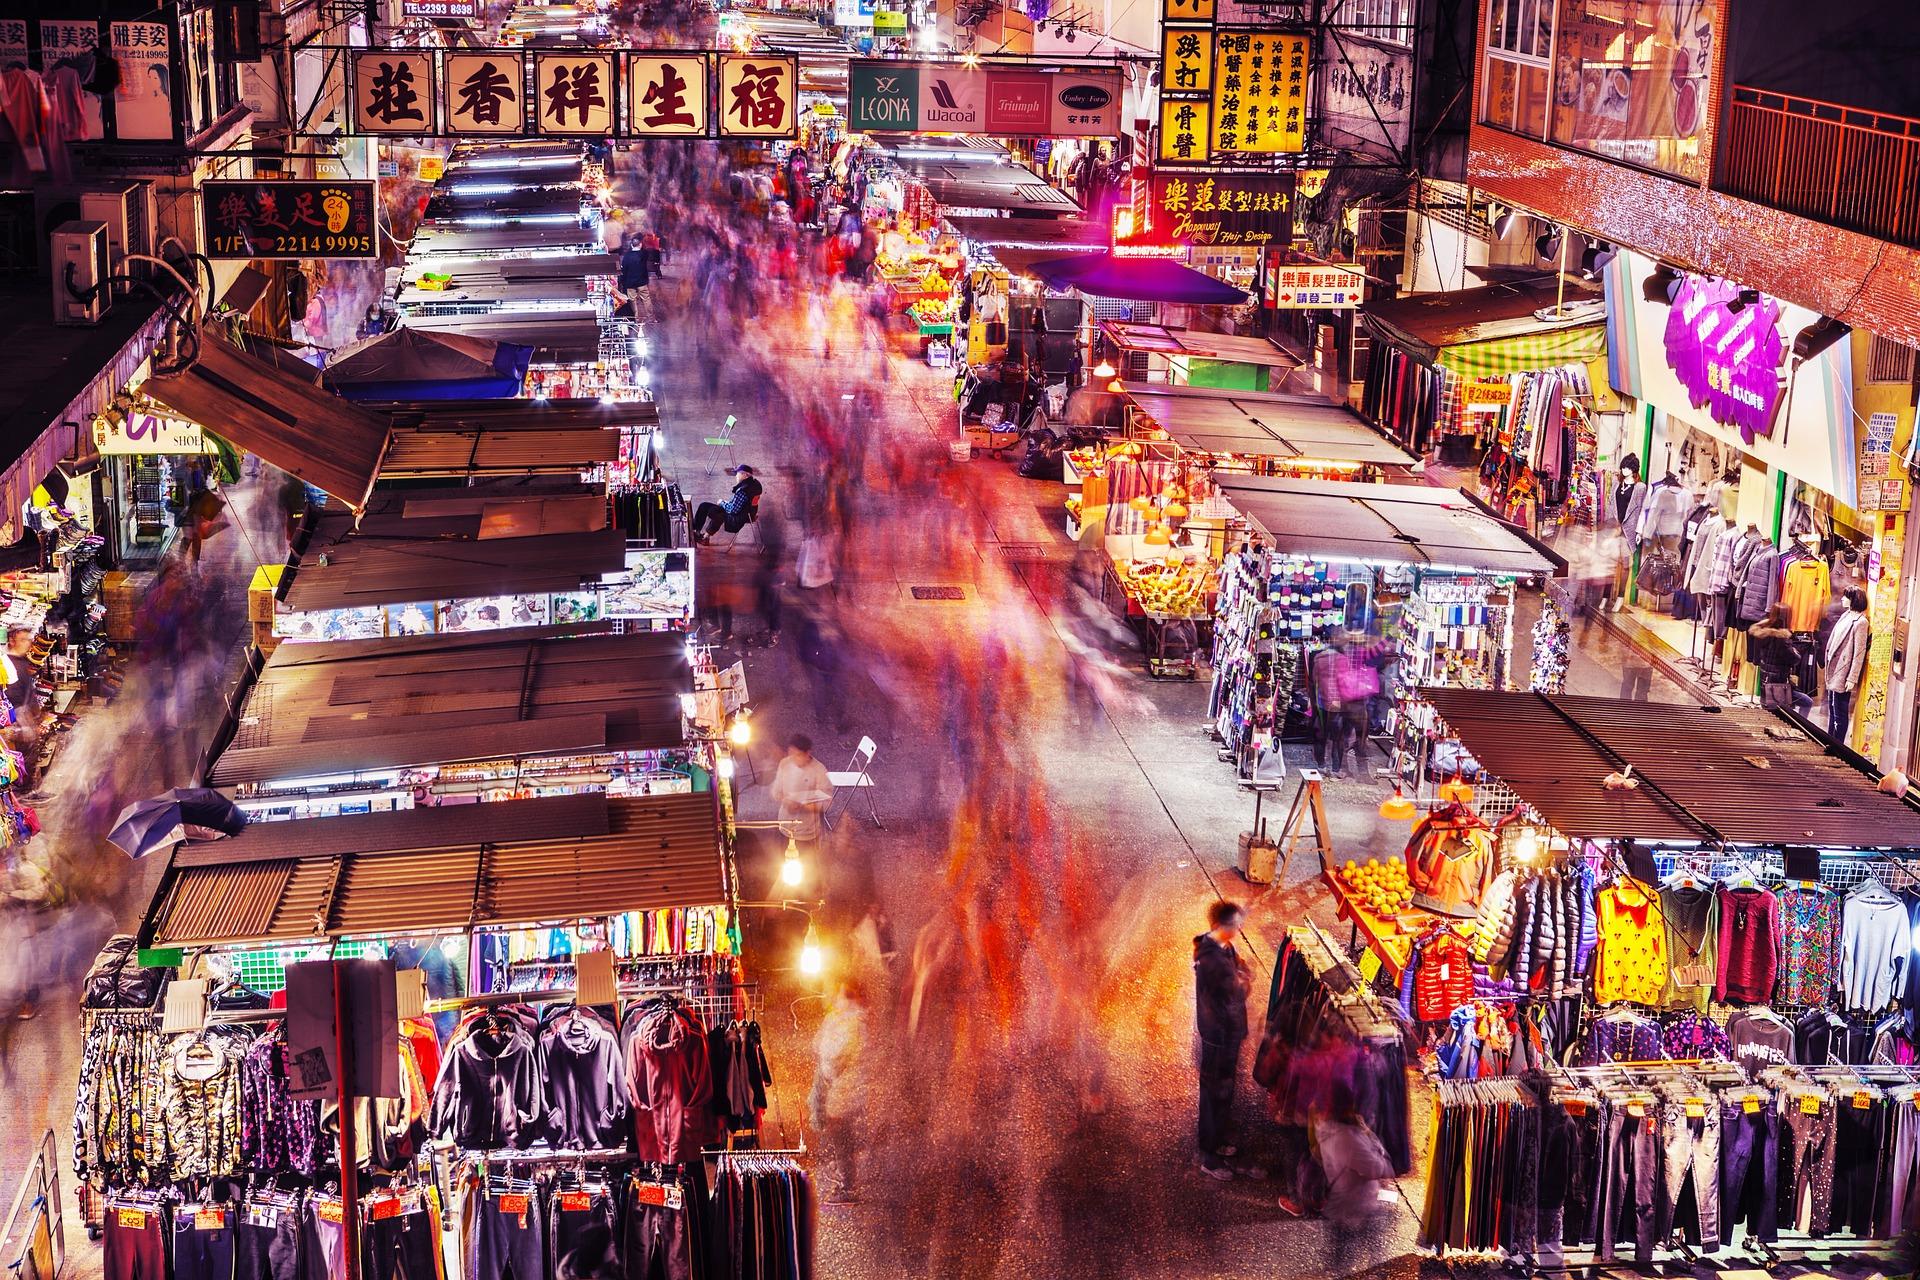 Shoppen im Paradies, Marktstraße und Kunden Abzocke